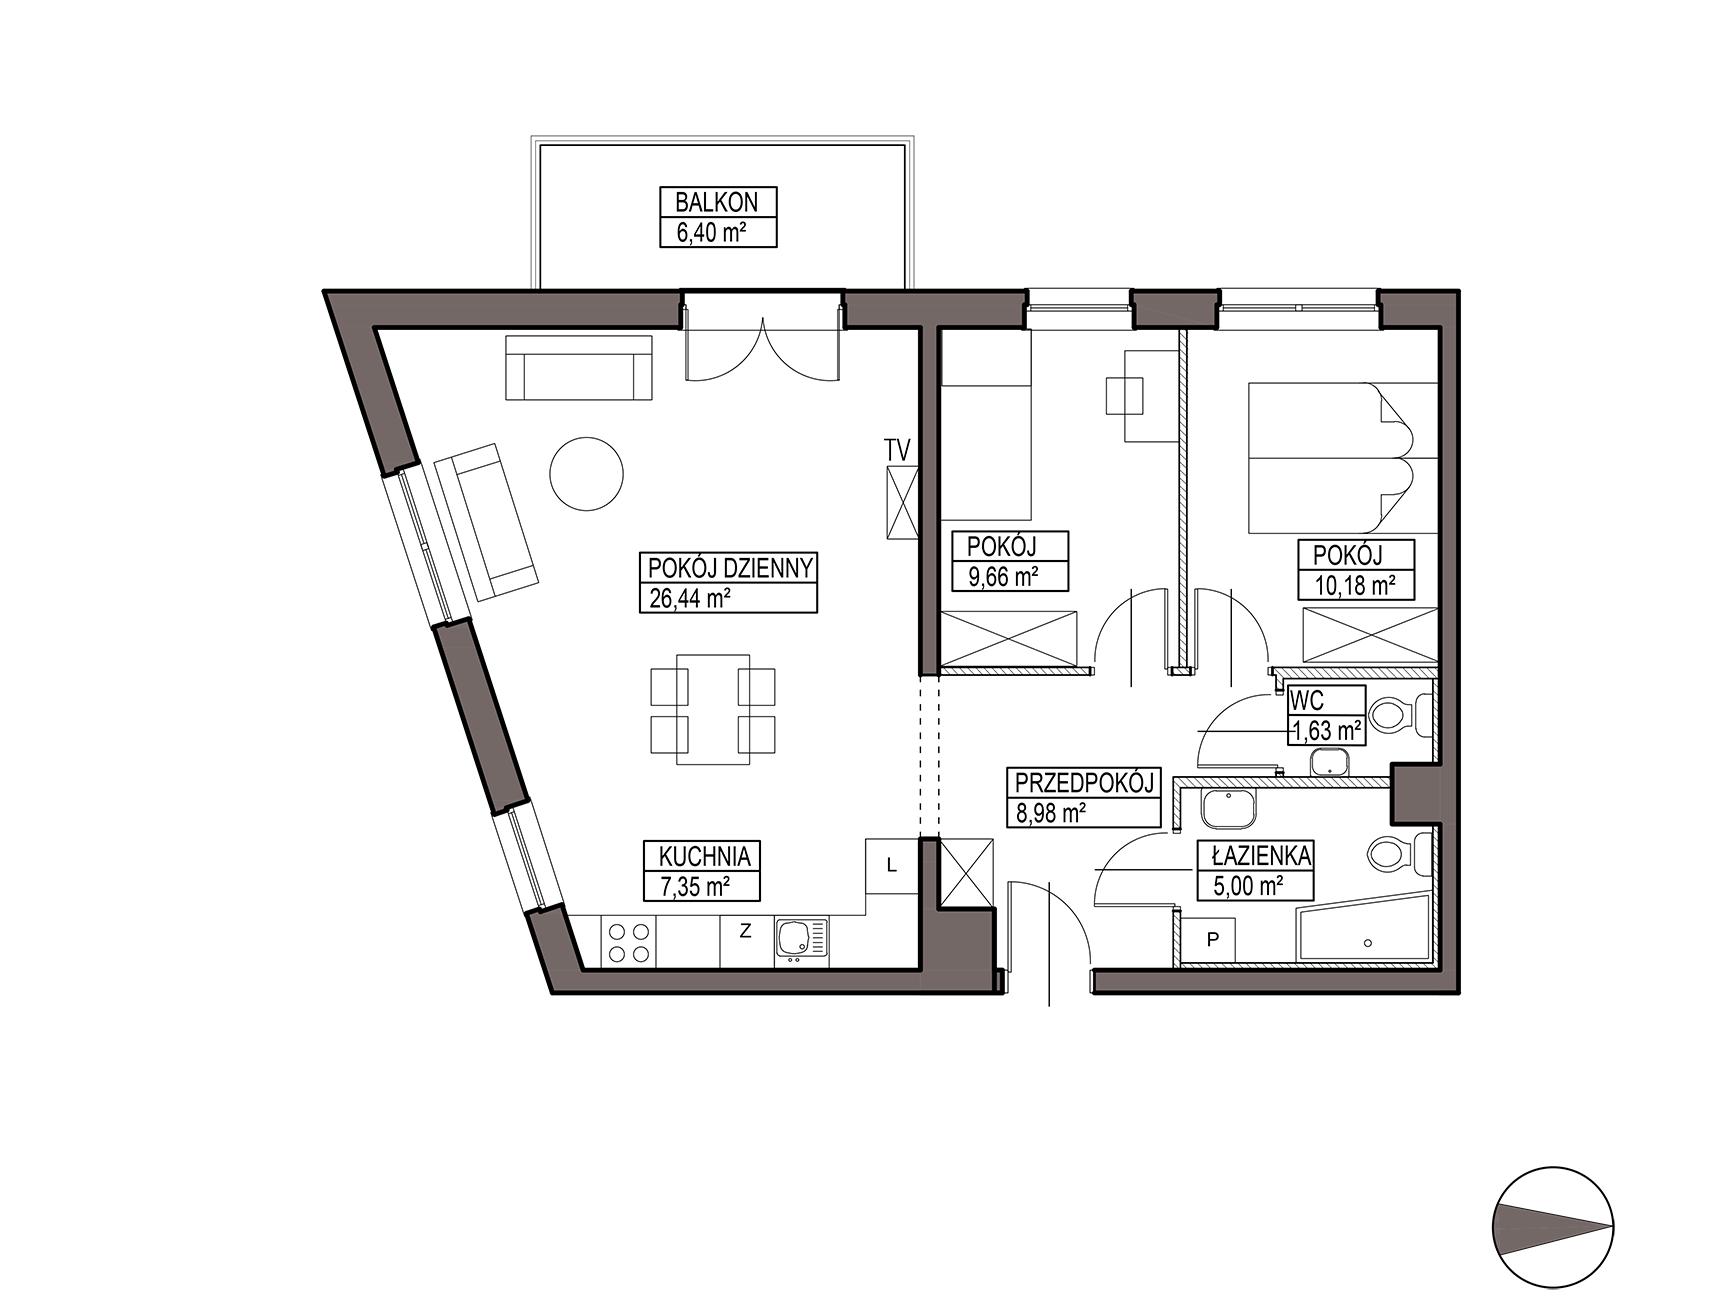 Uroczysko III / budynek 5 / mieszkanie G/1/20 rzut 1